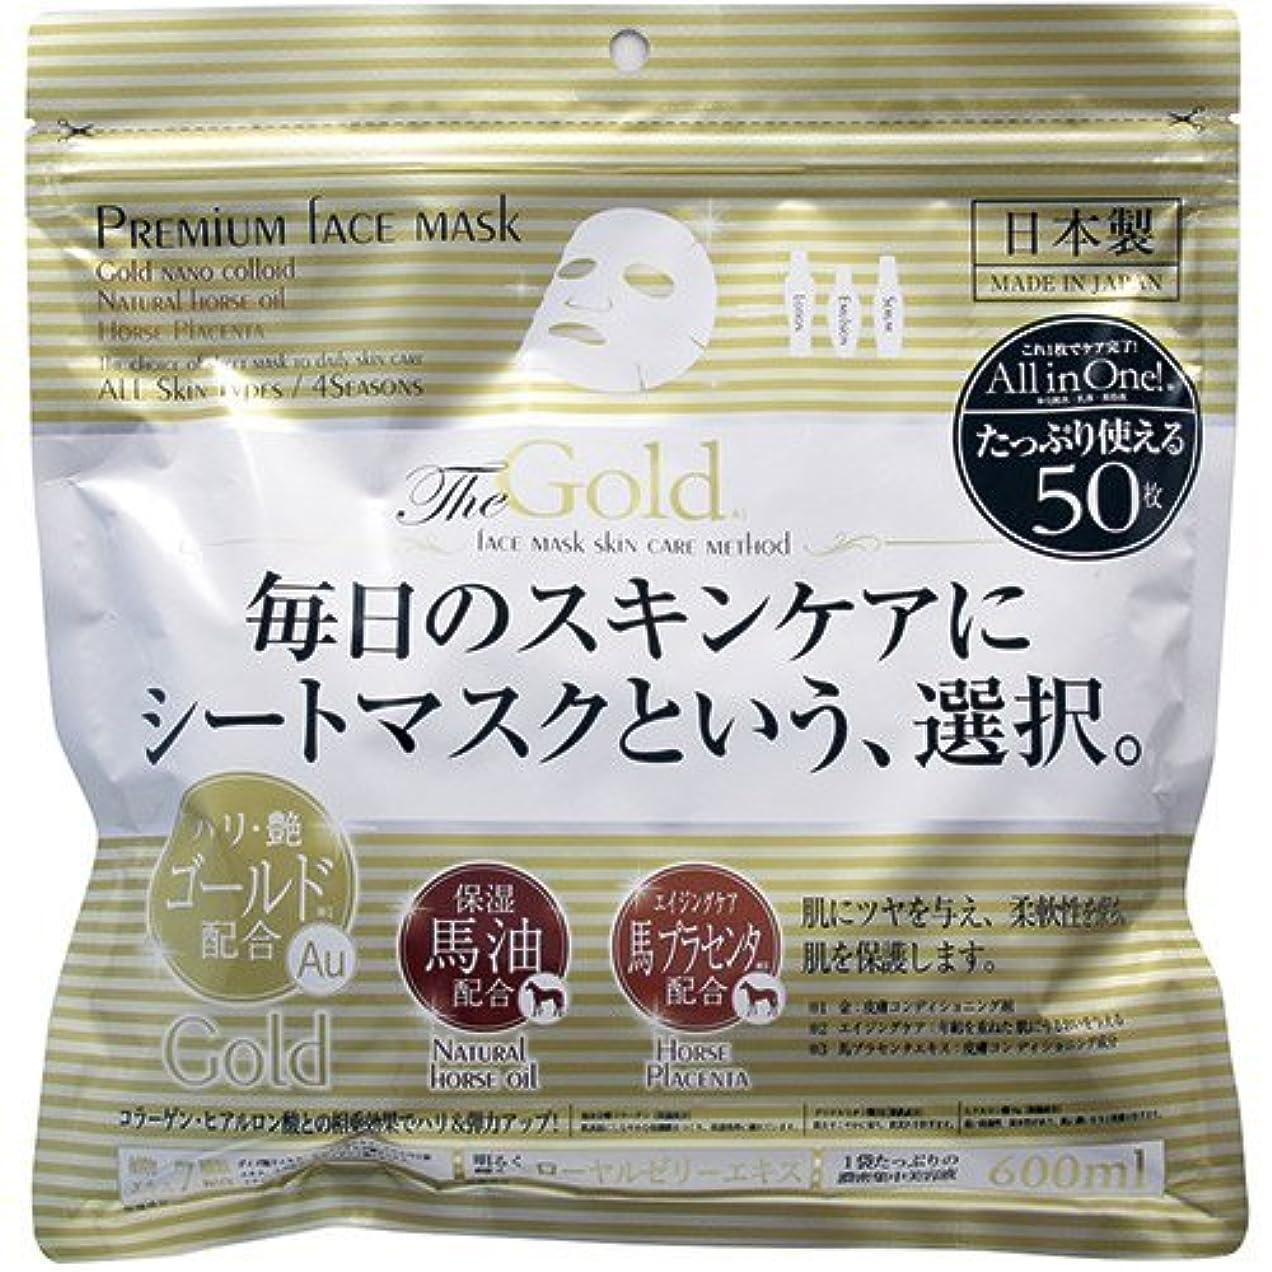 また明日ねライオン東方【進製作所】プレミアムフェイスマスク ゴールド 50枚 ×10個セット